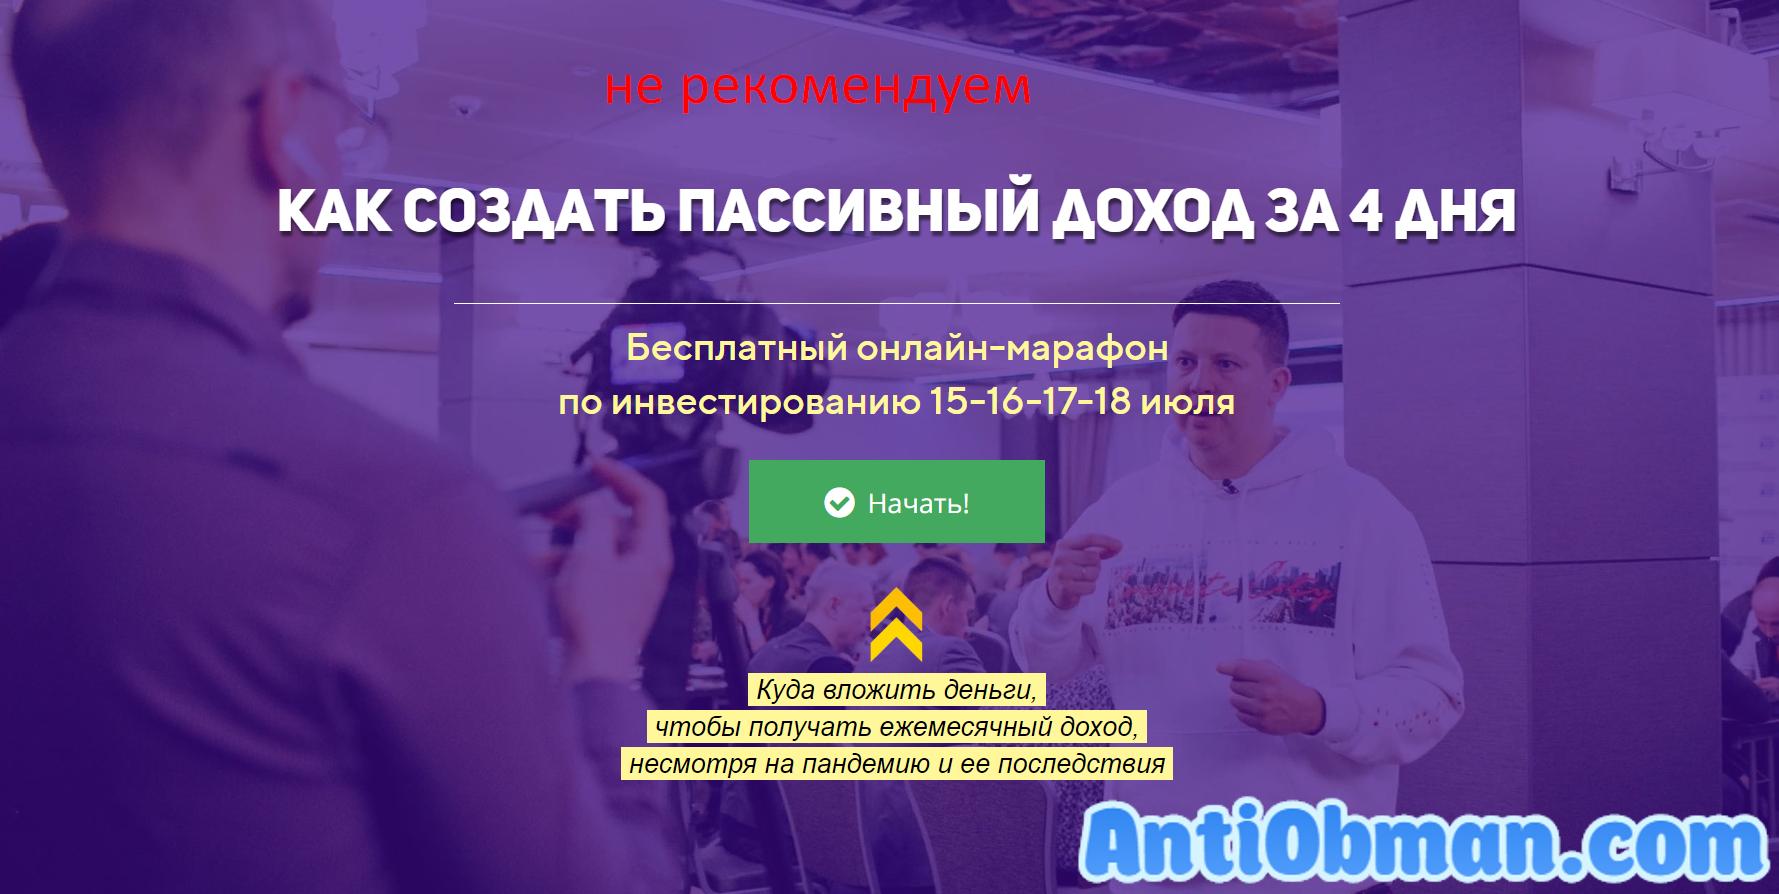 Территория Инвестирования Андрей Меркулов - отзывы и обзор проекта